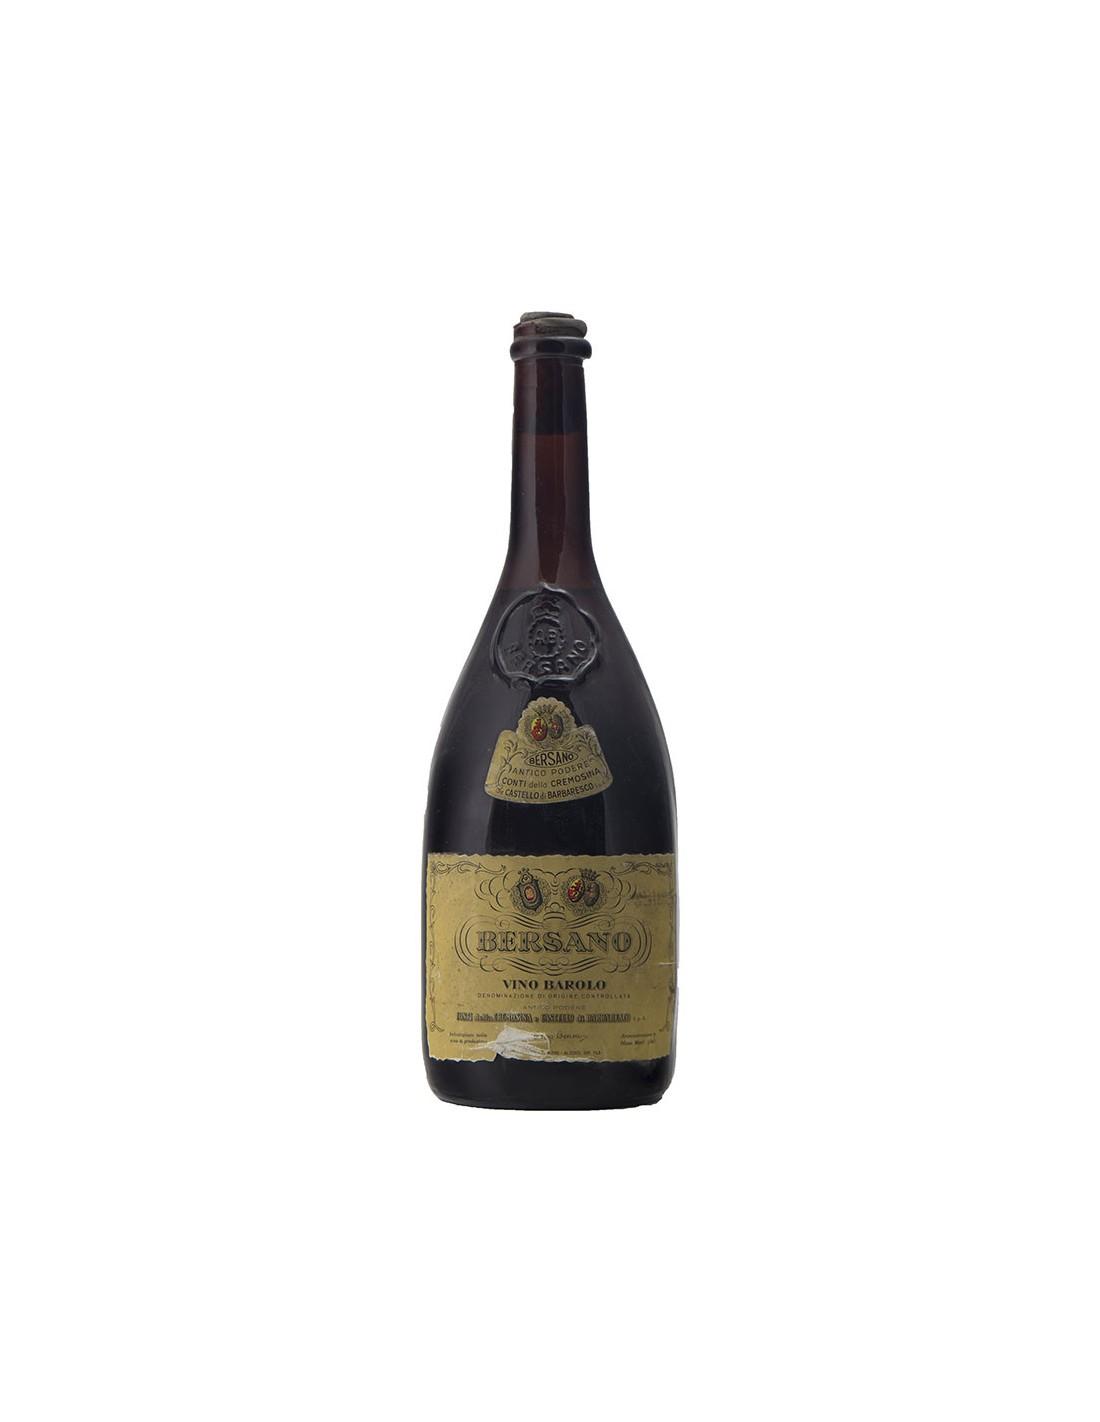 BAROLO CONTI CREMOSINA 1964 BERSANO Grandi Bottiglie